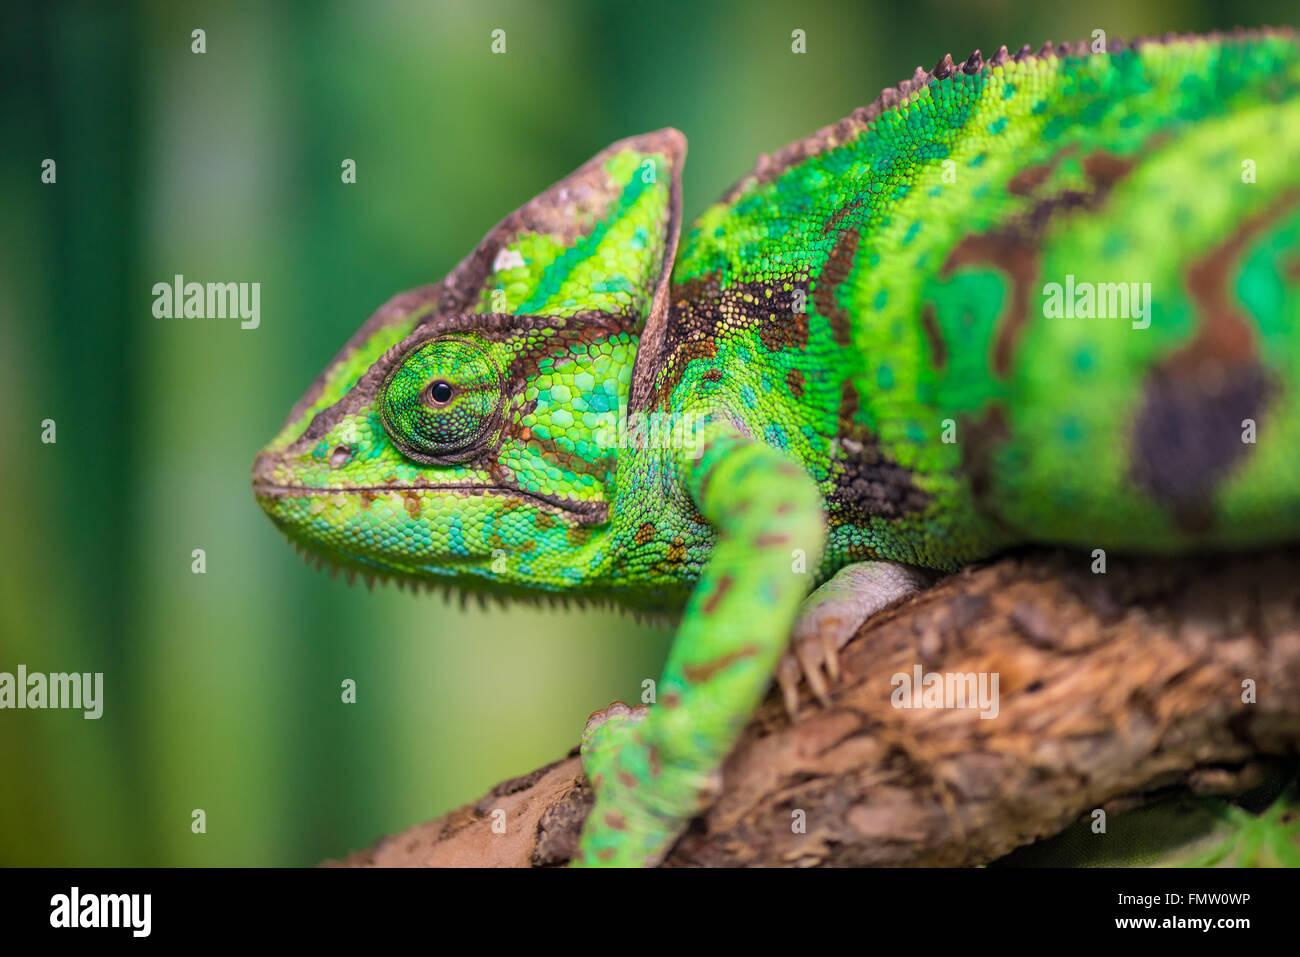 El camaleón verde sobre una rama mirando la cámara de cerca Imagen De Stock